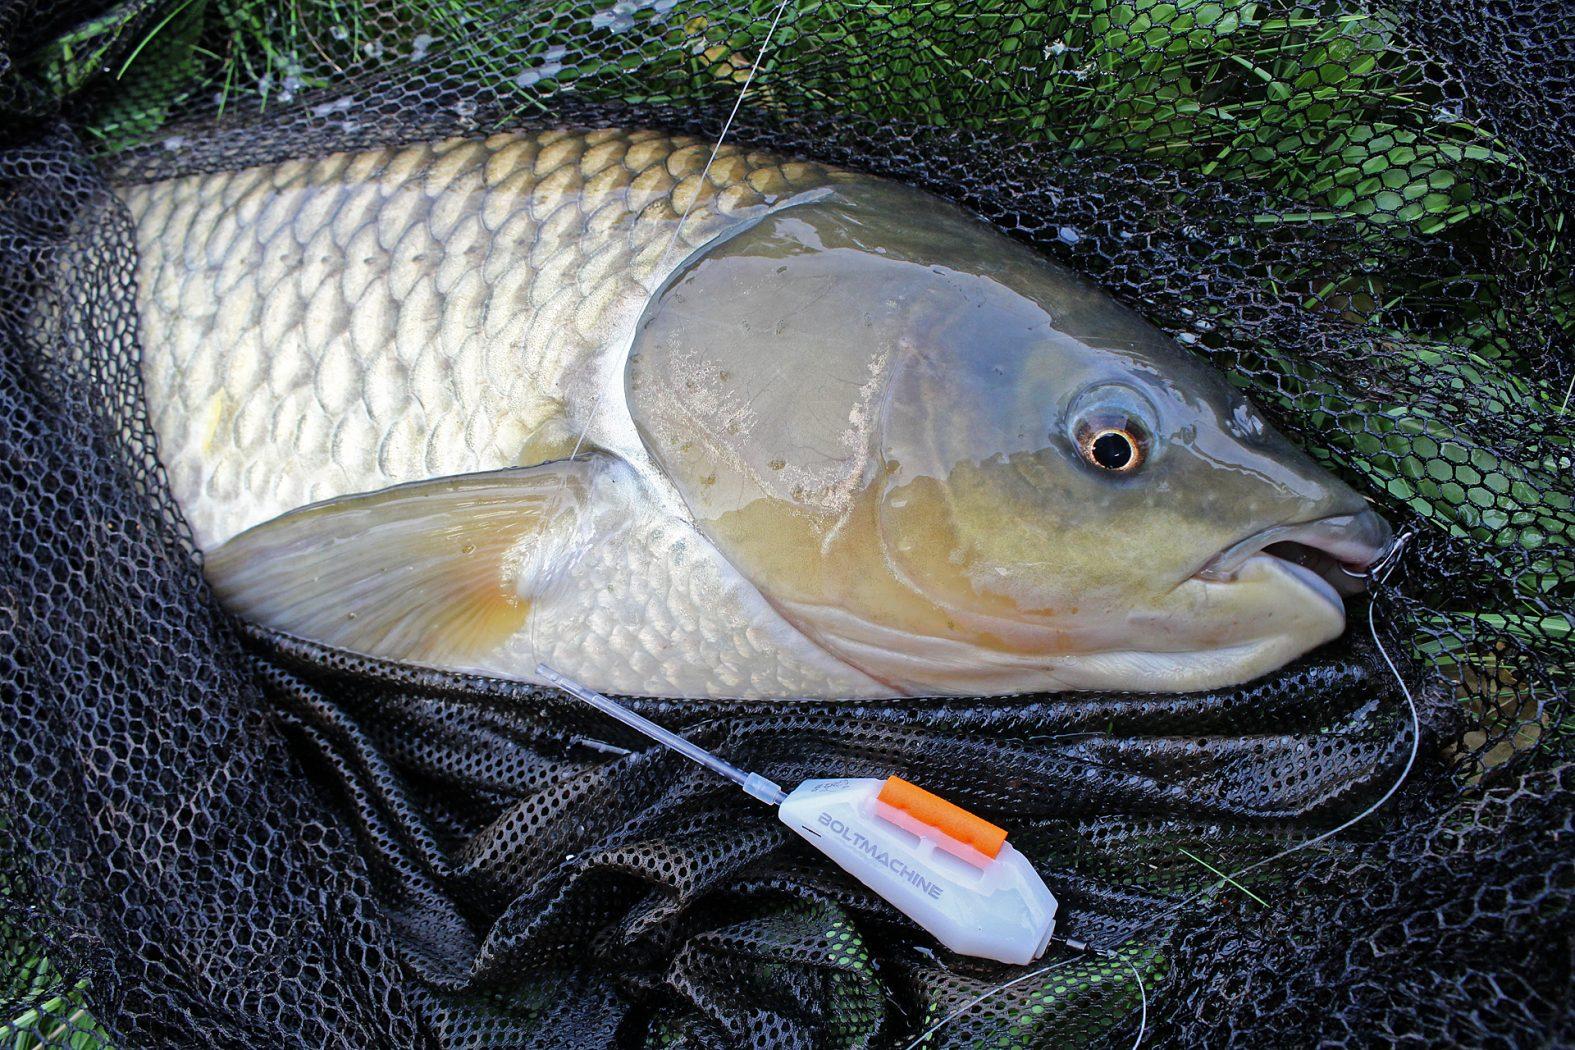 Karpfenangeln an der oberfl che das musst du wissen dr for White amur fish